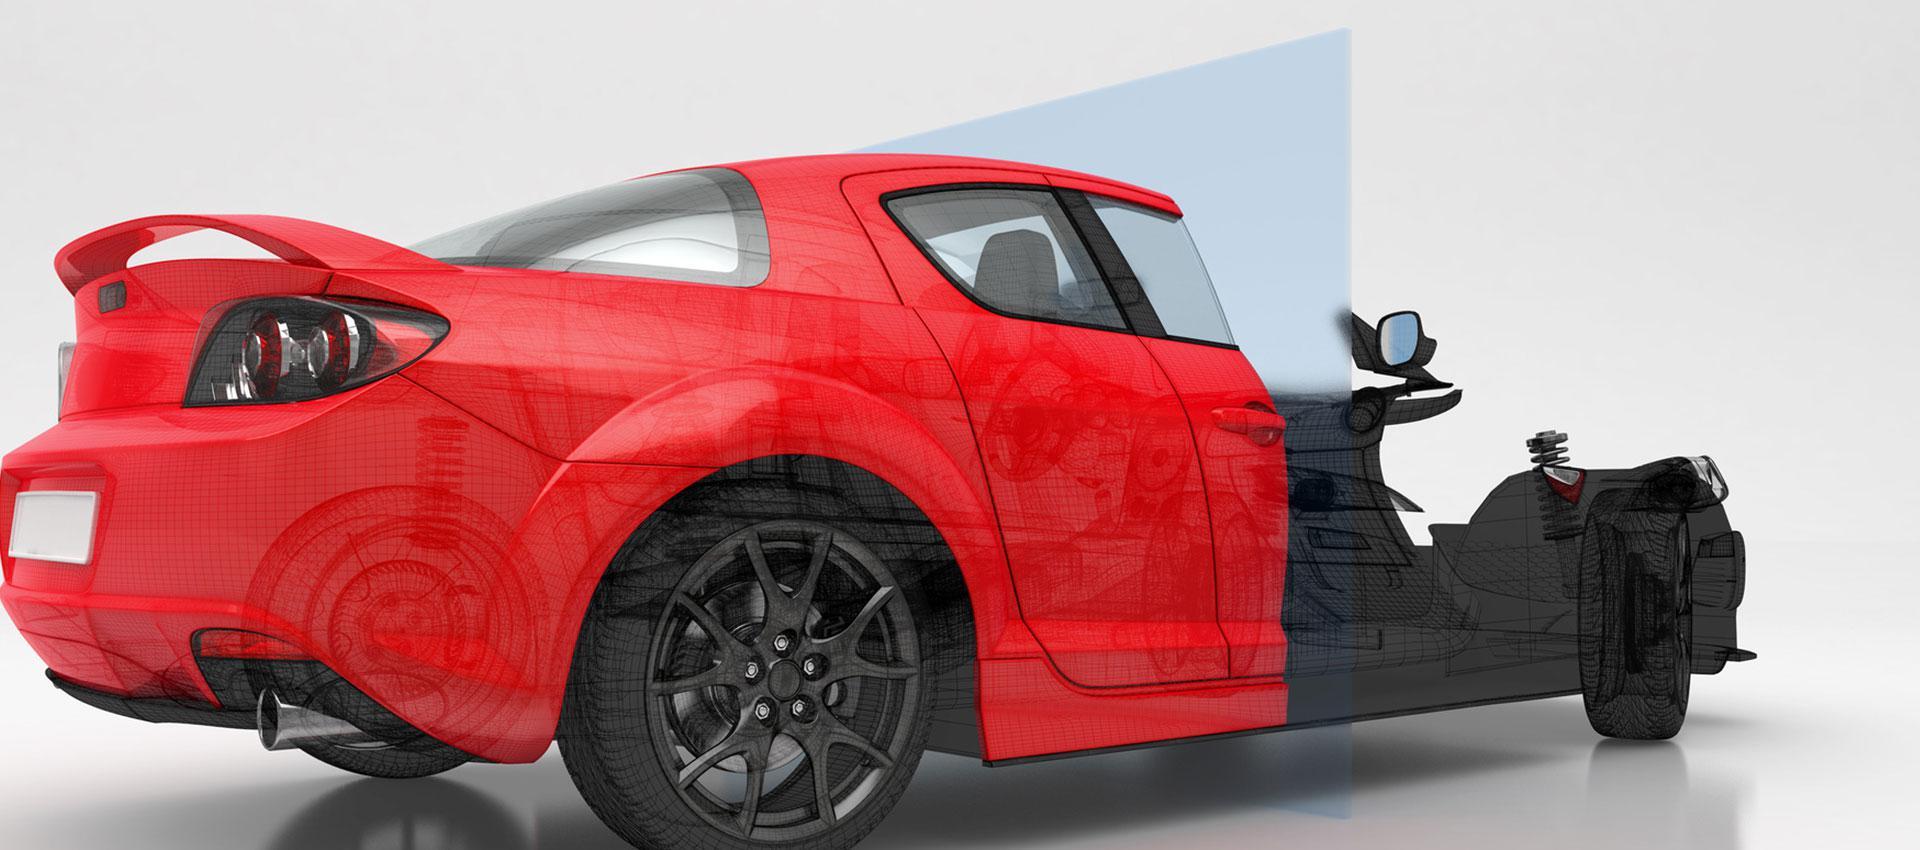 réparations automobiles vouneuil sous biard